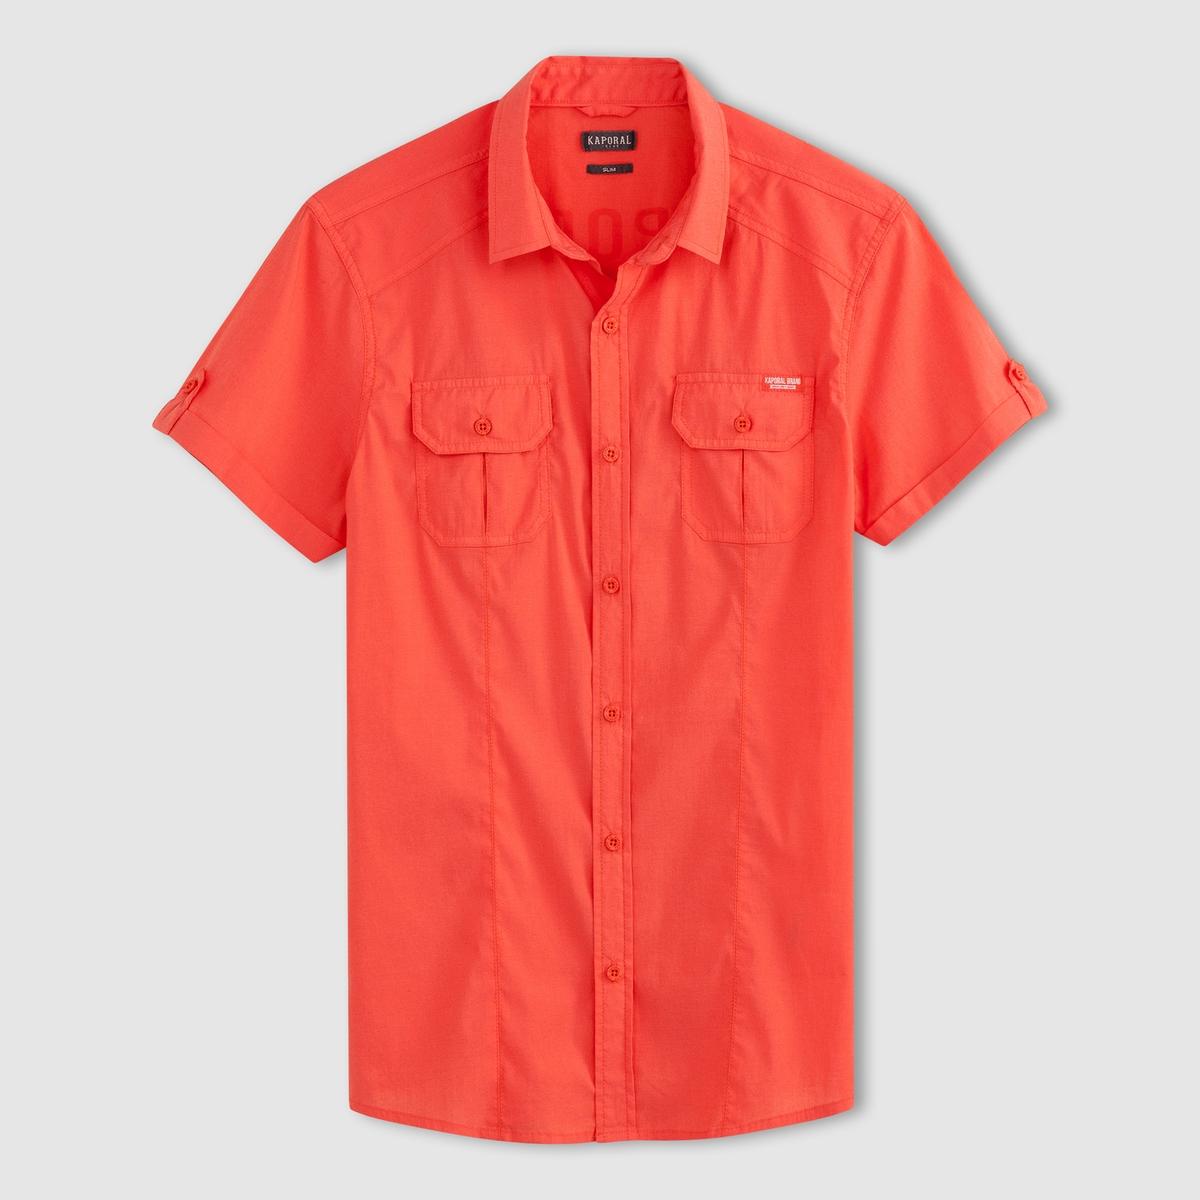 Рубашка с короткими рукавамиРубашка с короткими рукавами, FARC - KAPORAL. Прямой покрой и классический воротник со свободными уголками. 2 нагрудных кармана с клапаном на пуговице. Рукава с отворотами и планкой-застежкой на пуговицу. Принт KAPORAL сзади.Состав и описаниеМатериал: 67% хлопка, 28% полиамида, 5% эластана.Марка: KAPORAL.<br><br>Цвет: коралловый,черный<br>Размер: S.M